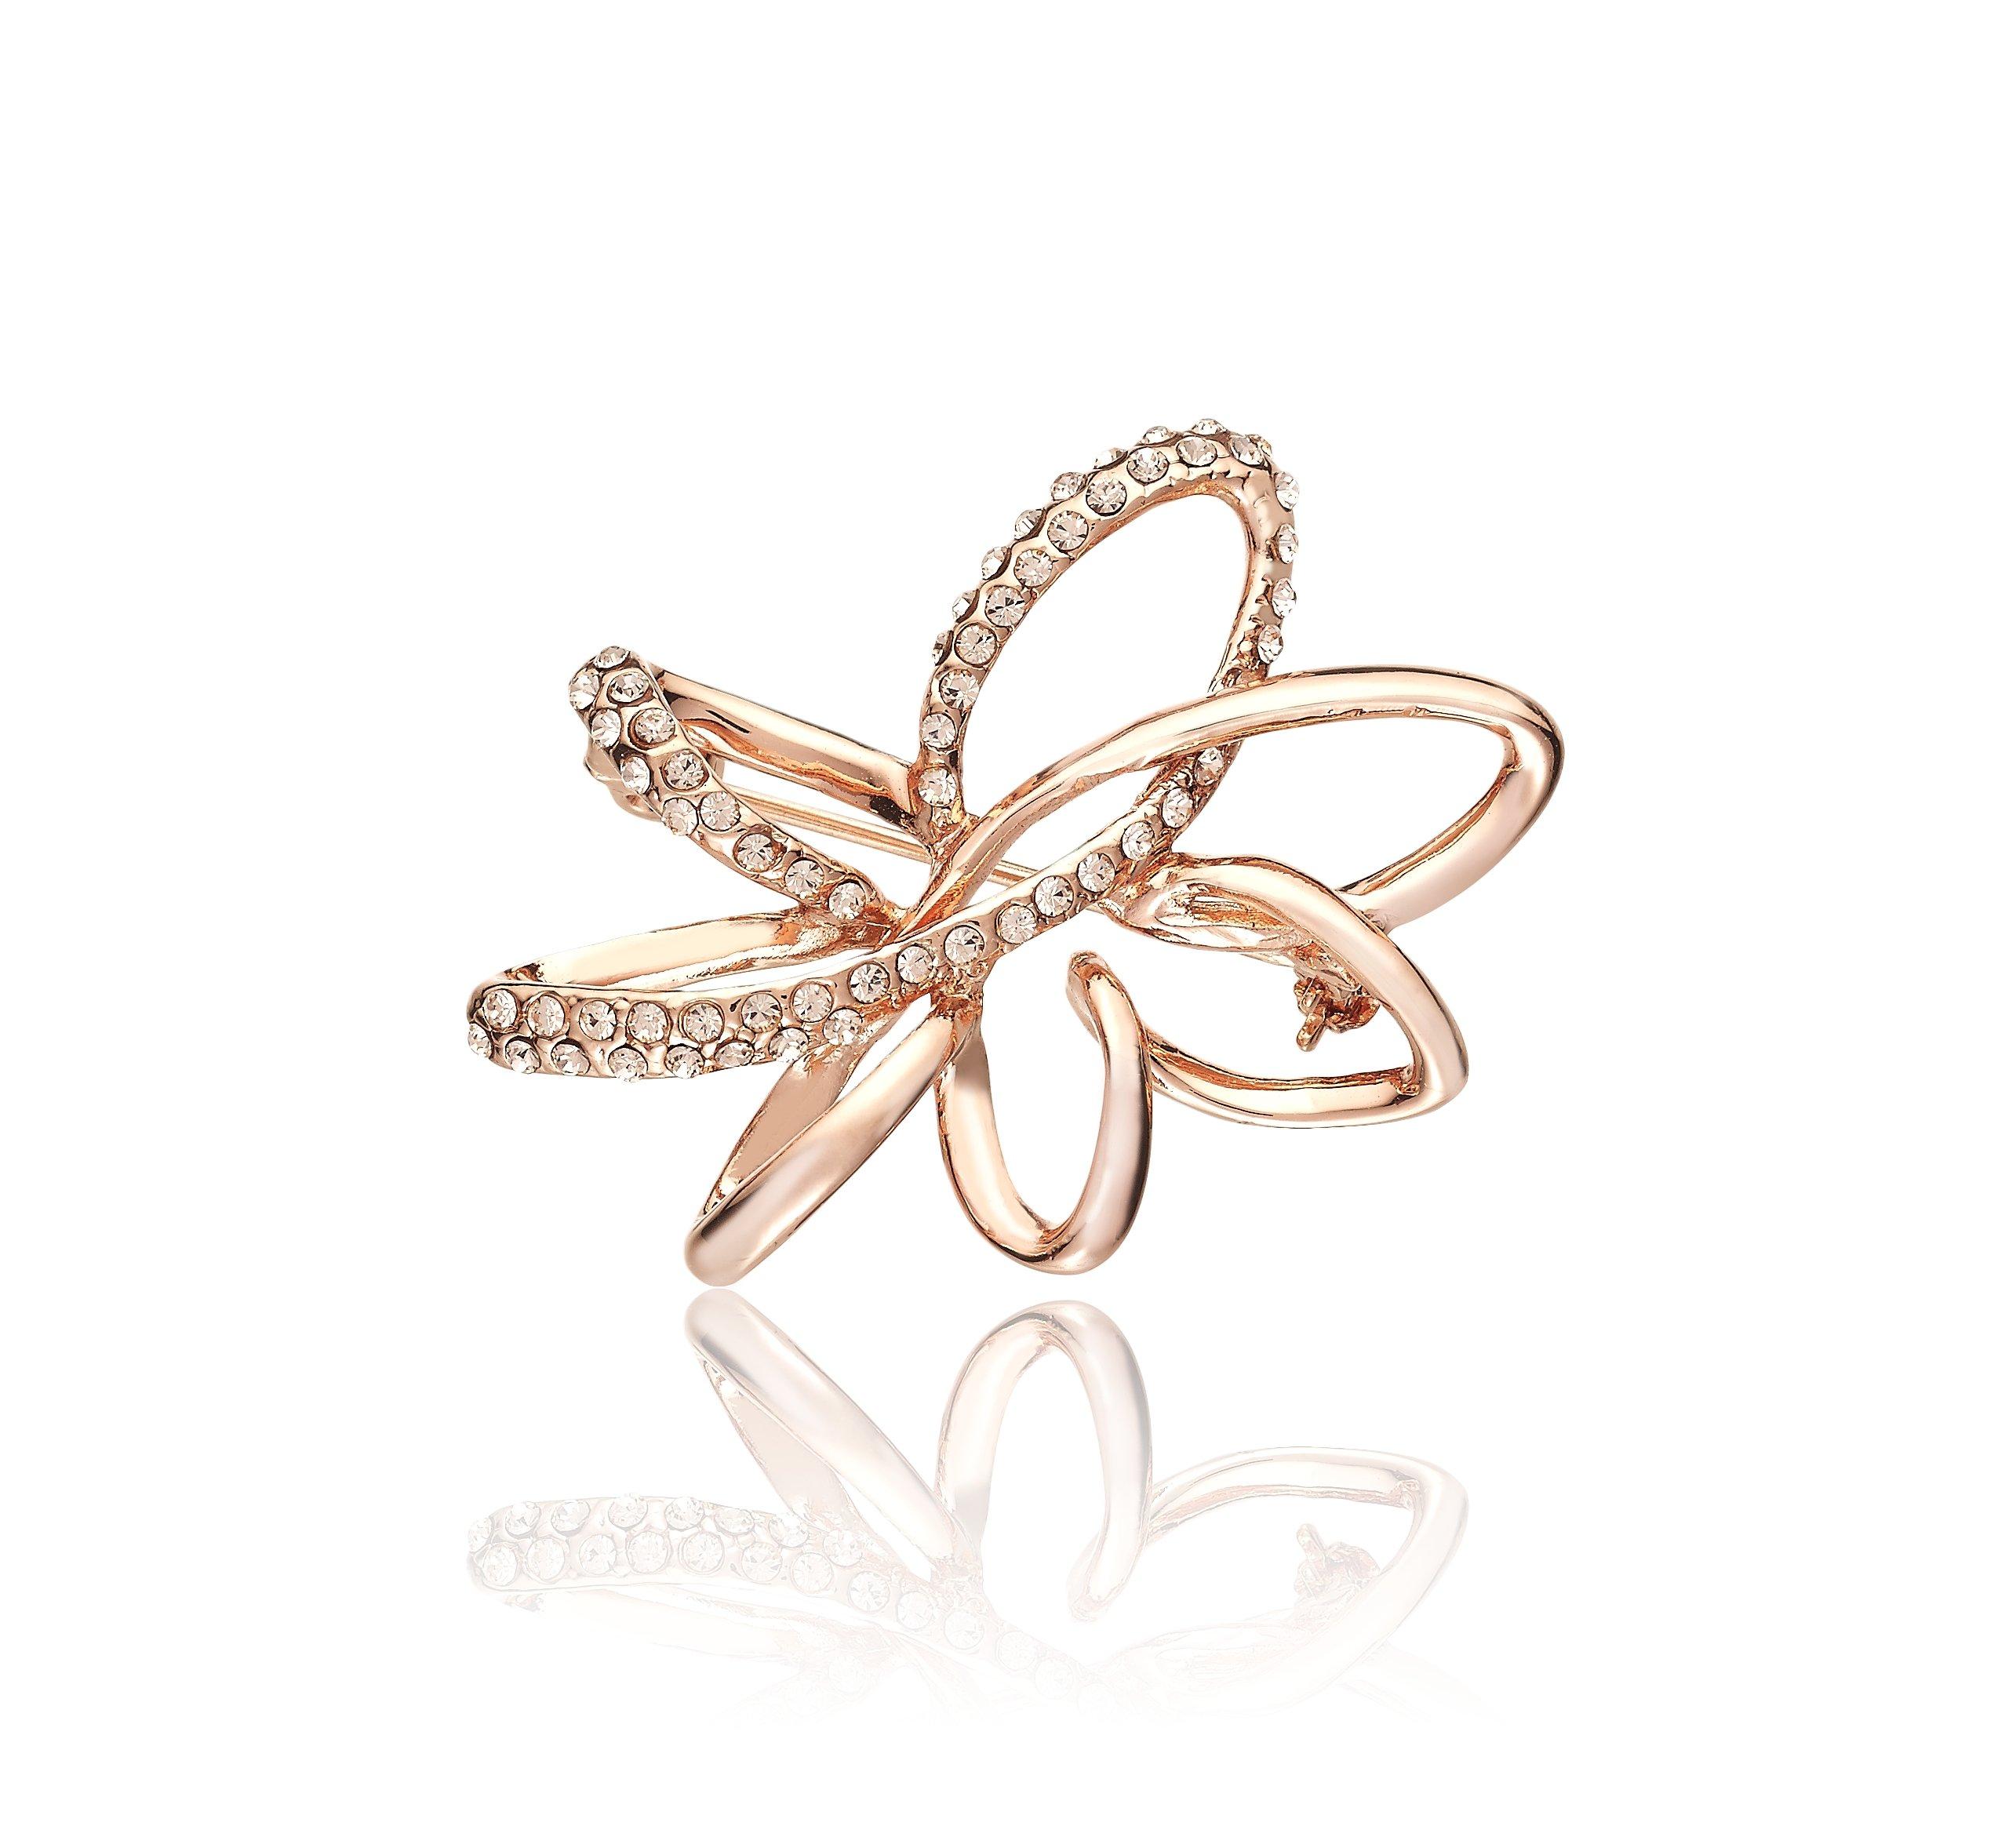 Queen Jocelyn Hot Selling Crystal Brooch Jewelry for Women